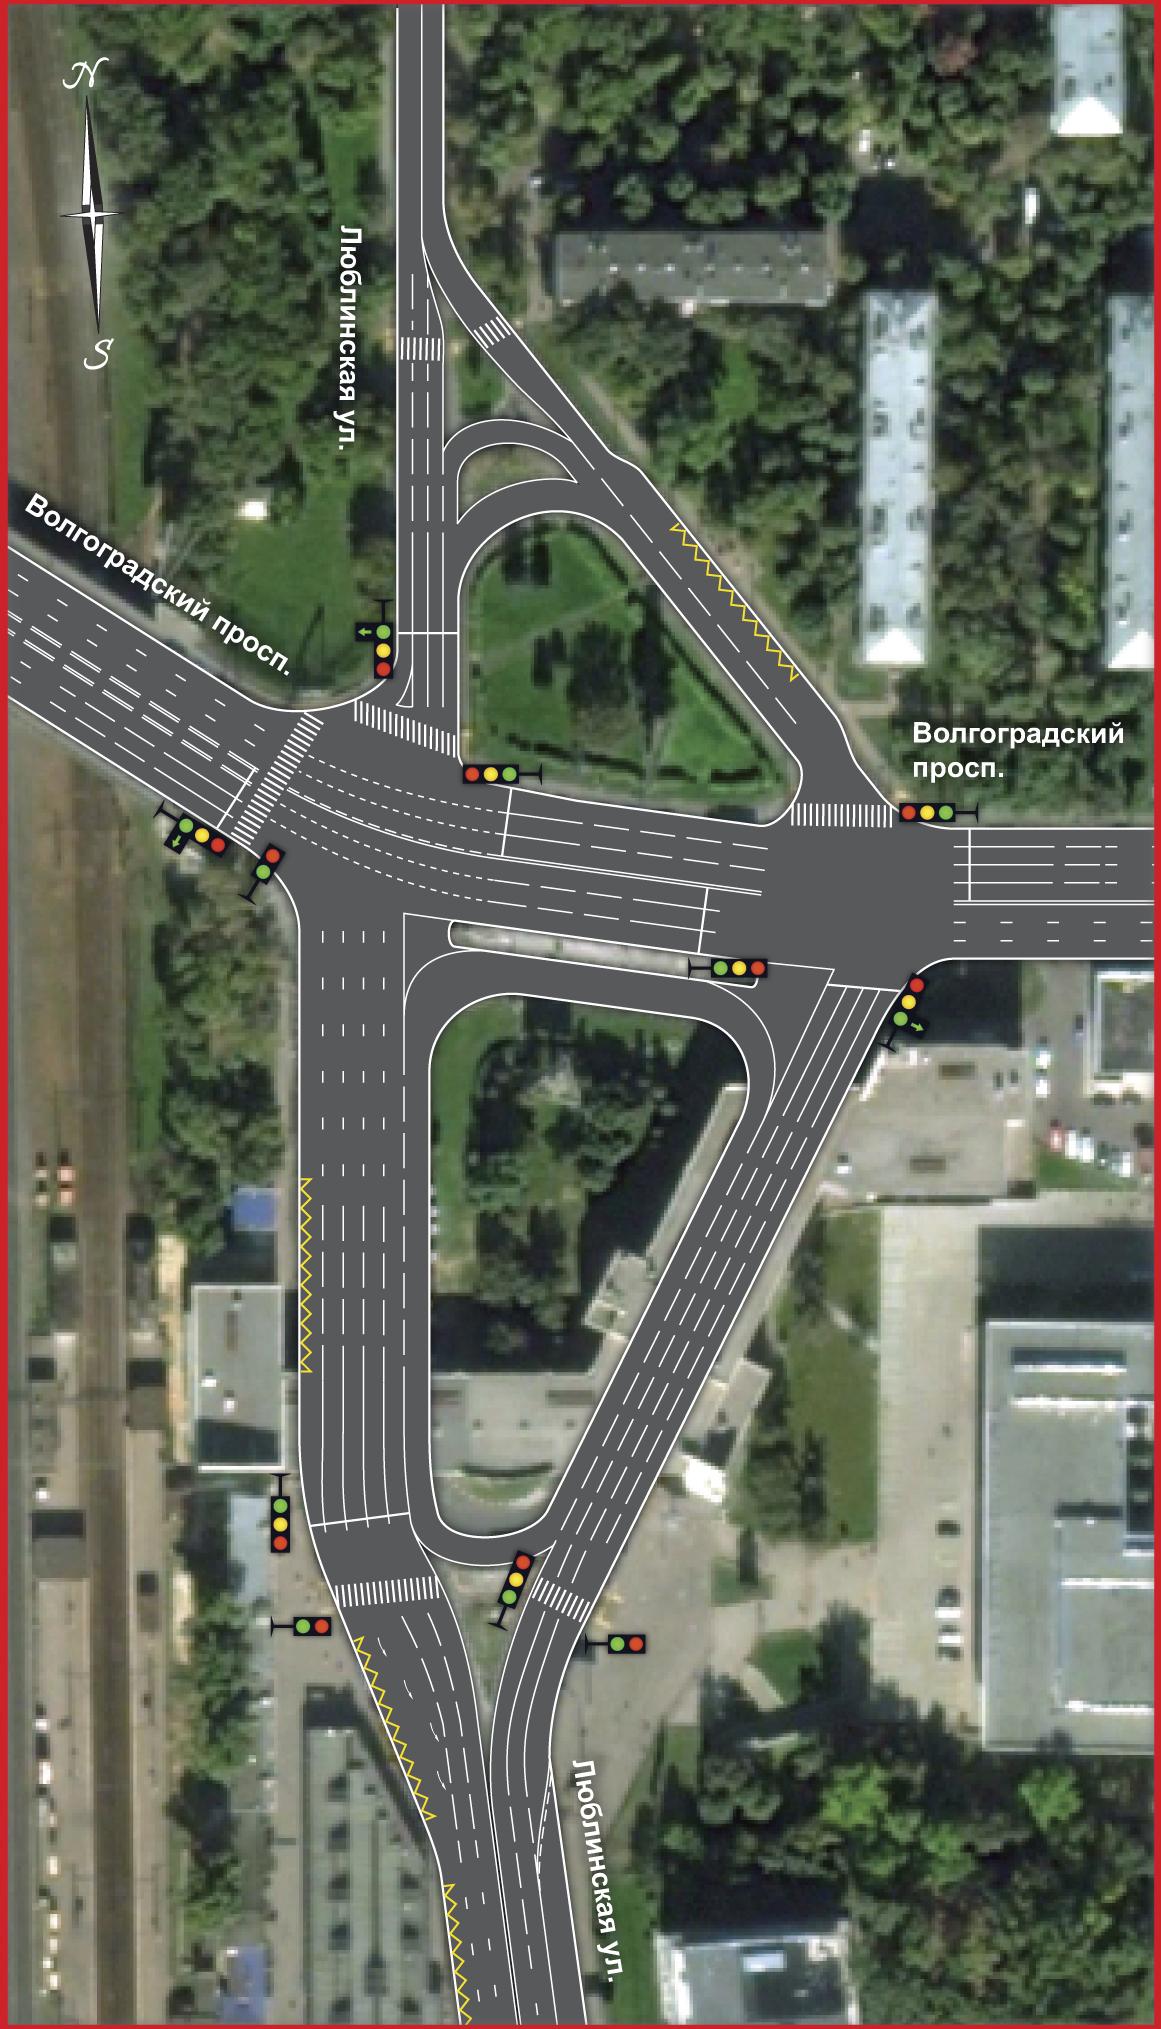 Реконструкция волгоградского проспекта схема 540